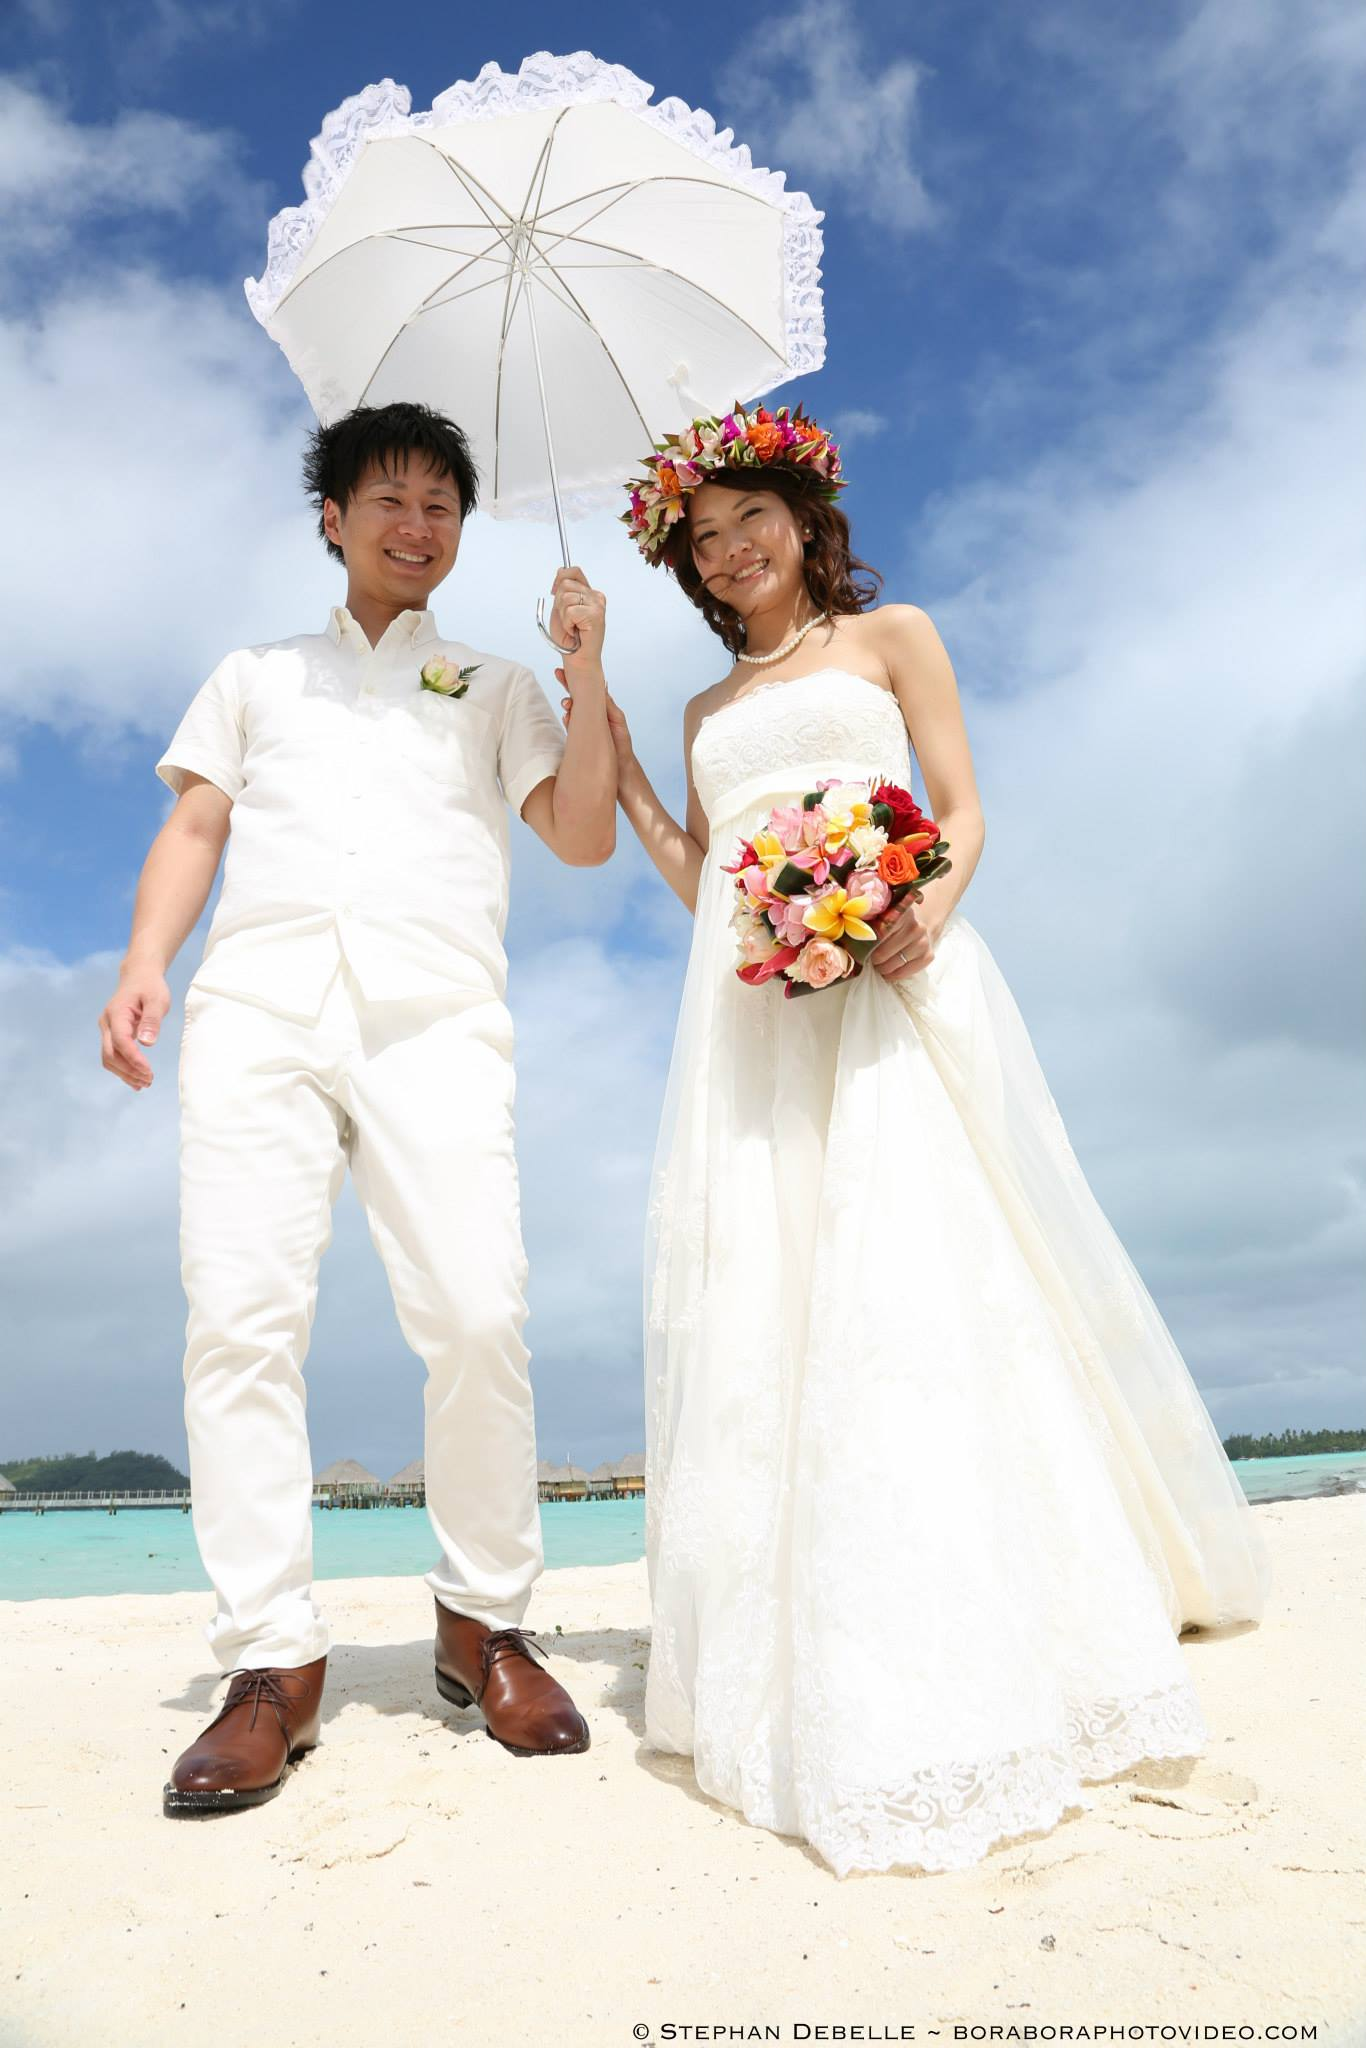 Stephan Debelle - Bora Bora wedding photographer | boraboraphotos.com